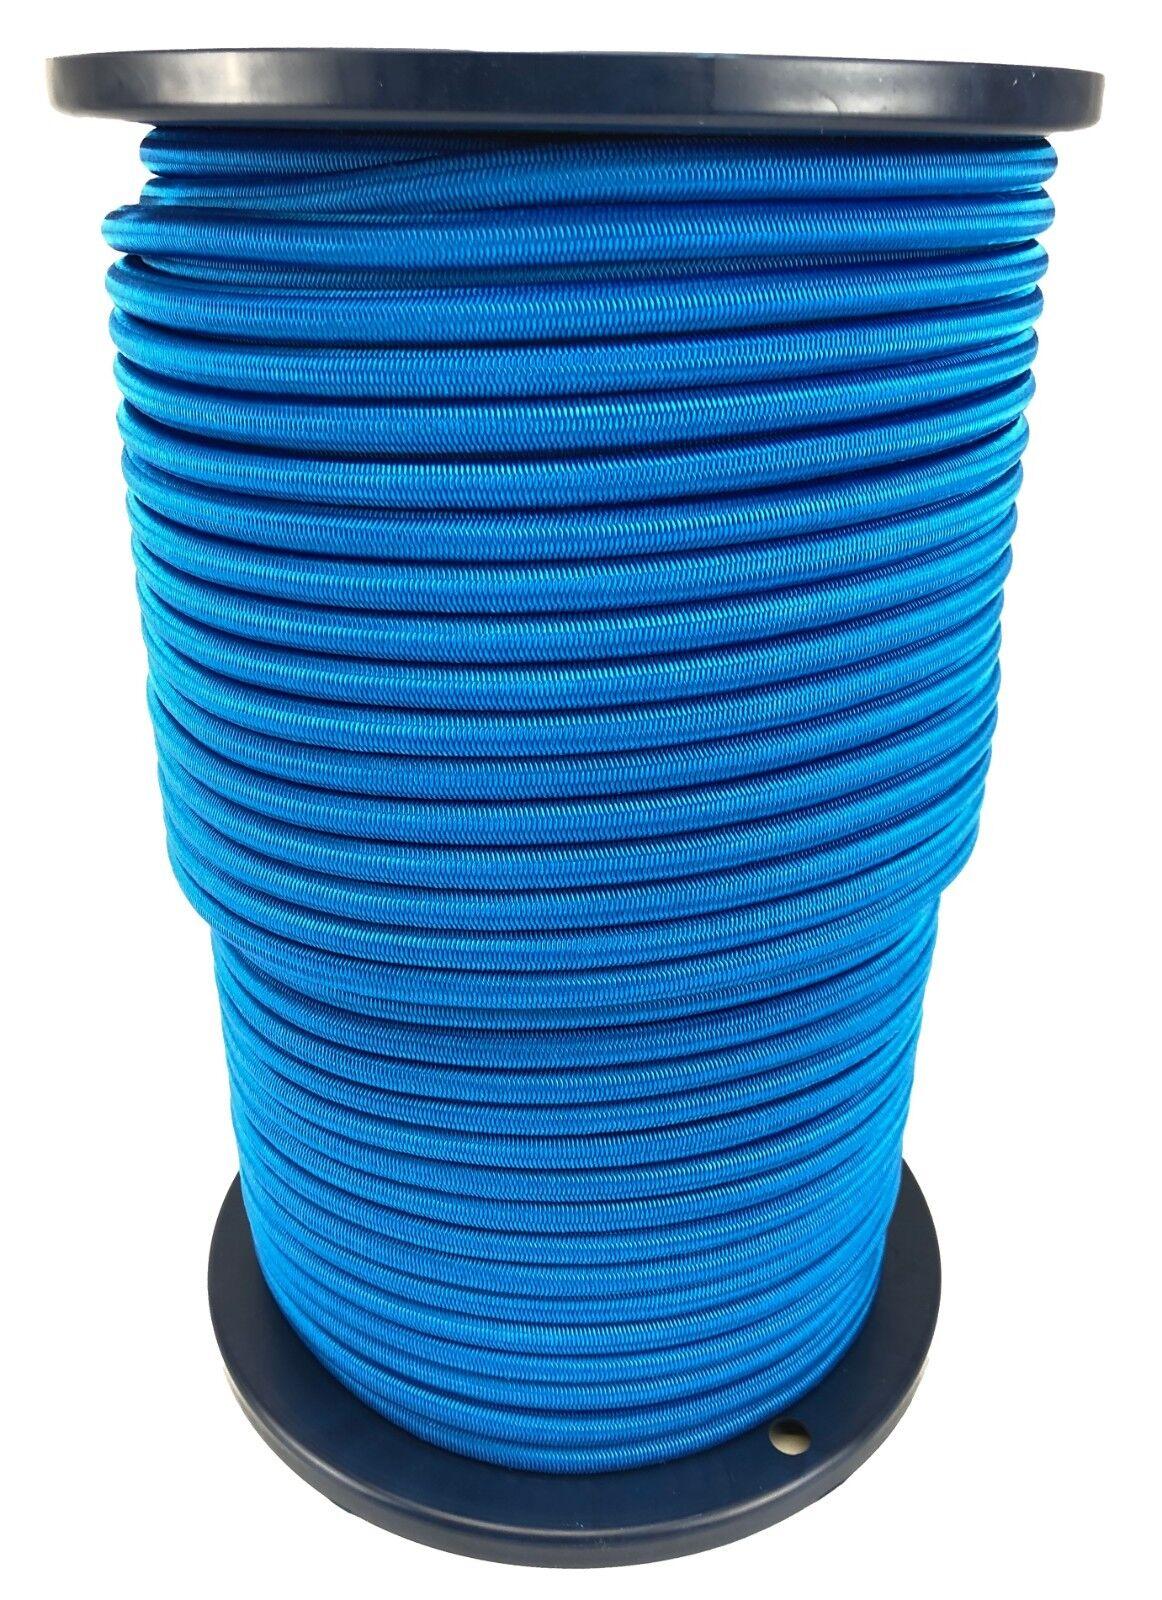 10mm Azul Real Cuerda Elástica Cuerda  Cordón Elástico Anclaje X 100 Metre Rollo  soporte minorista mayorista